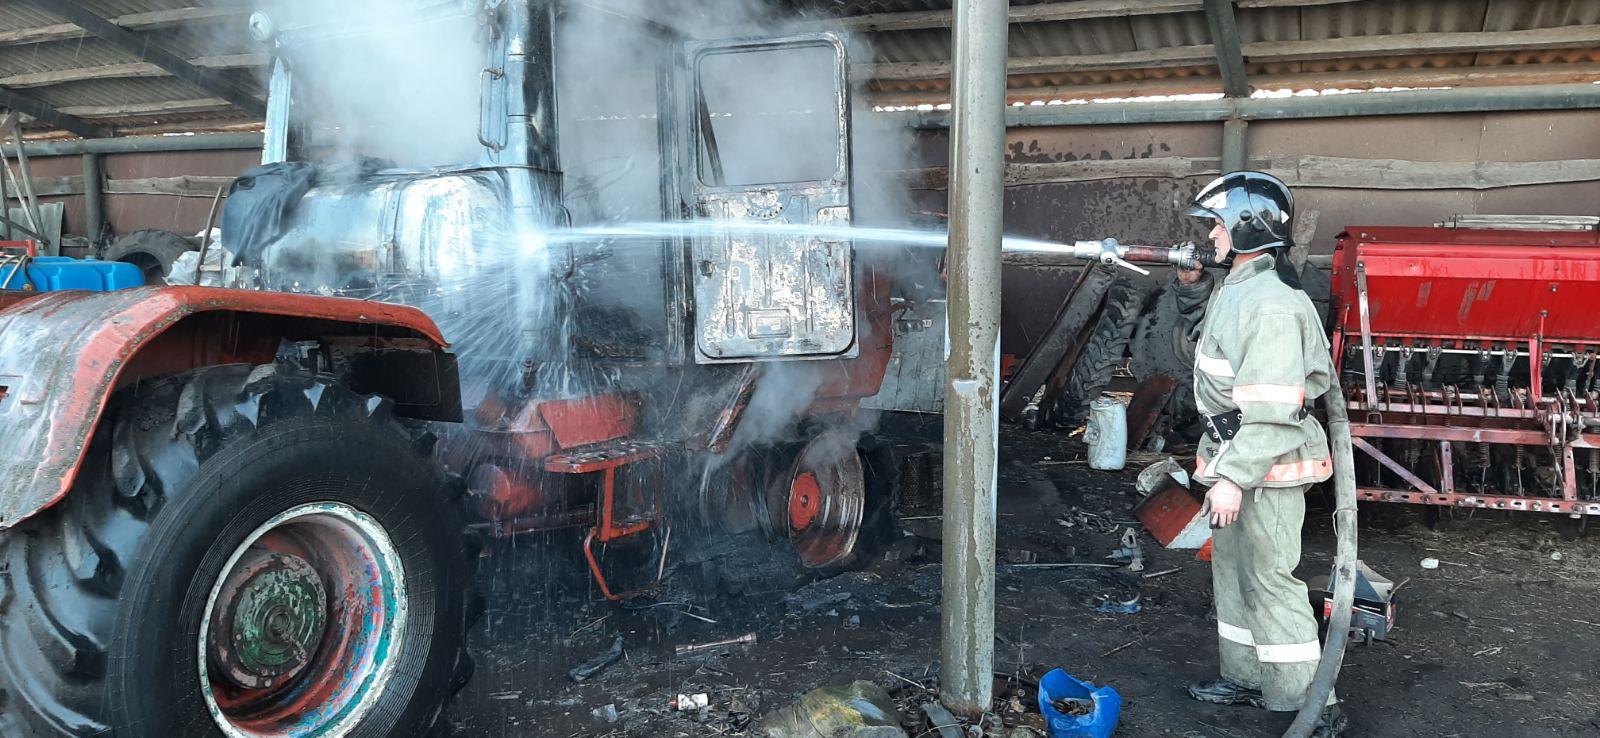 У Хмільницькому районі вогнем знищено трактор